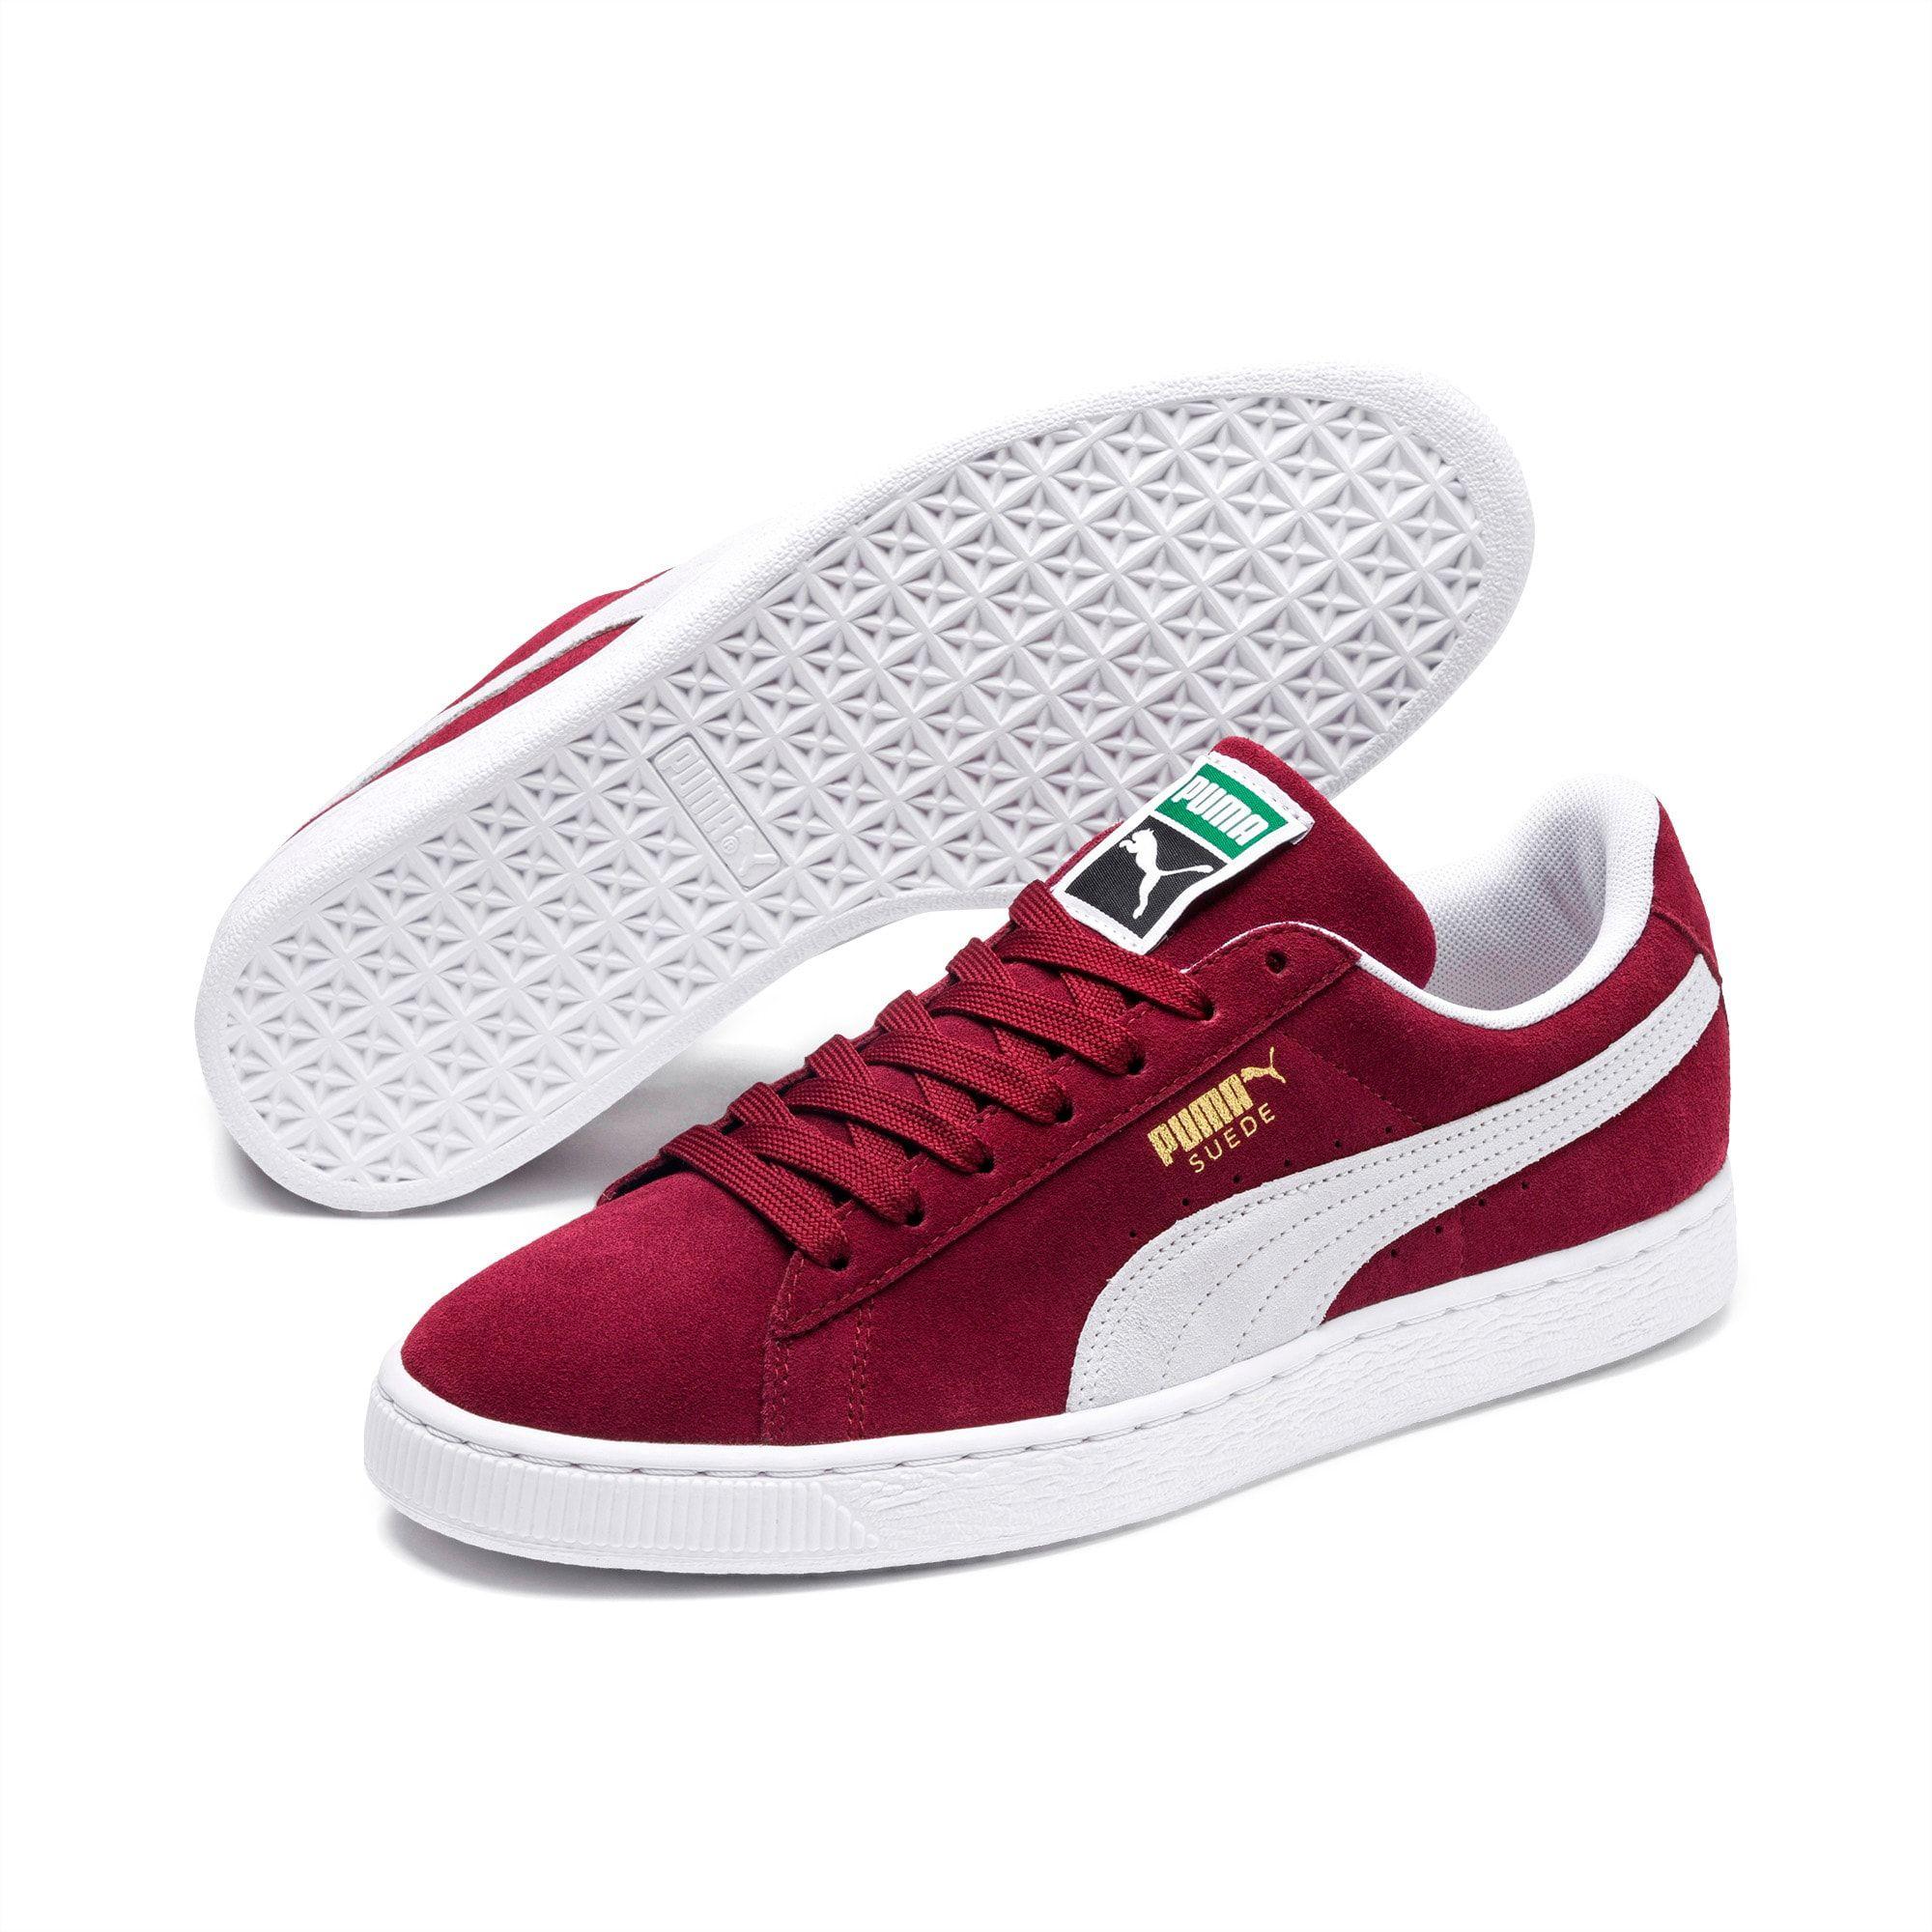 Suede Classic Xxi Men S Sneakers Puma Us In 2021 Puma Suede Classic Sneakers Mens Puma Shoes